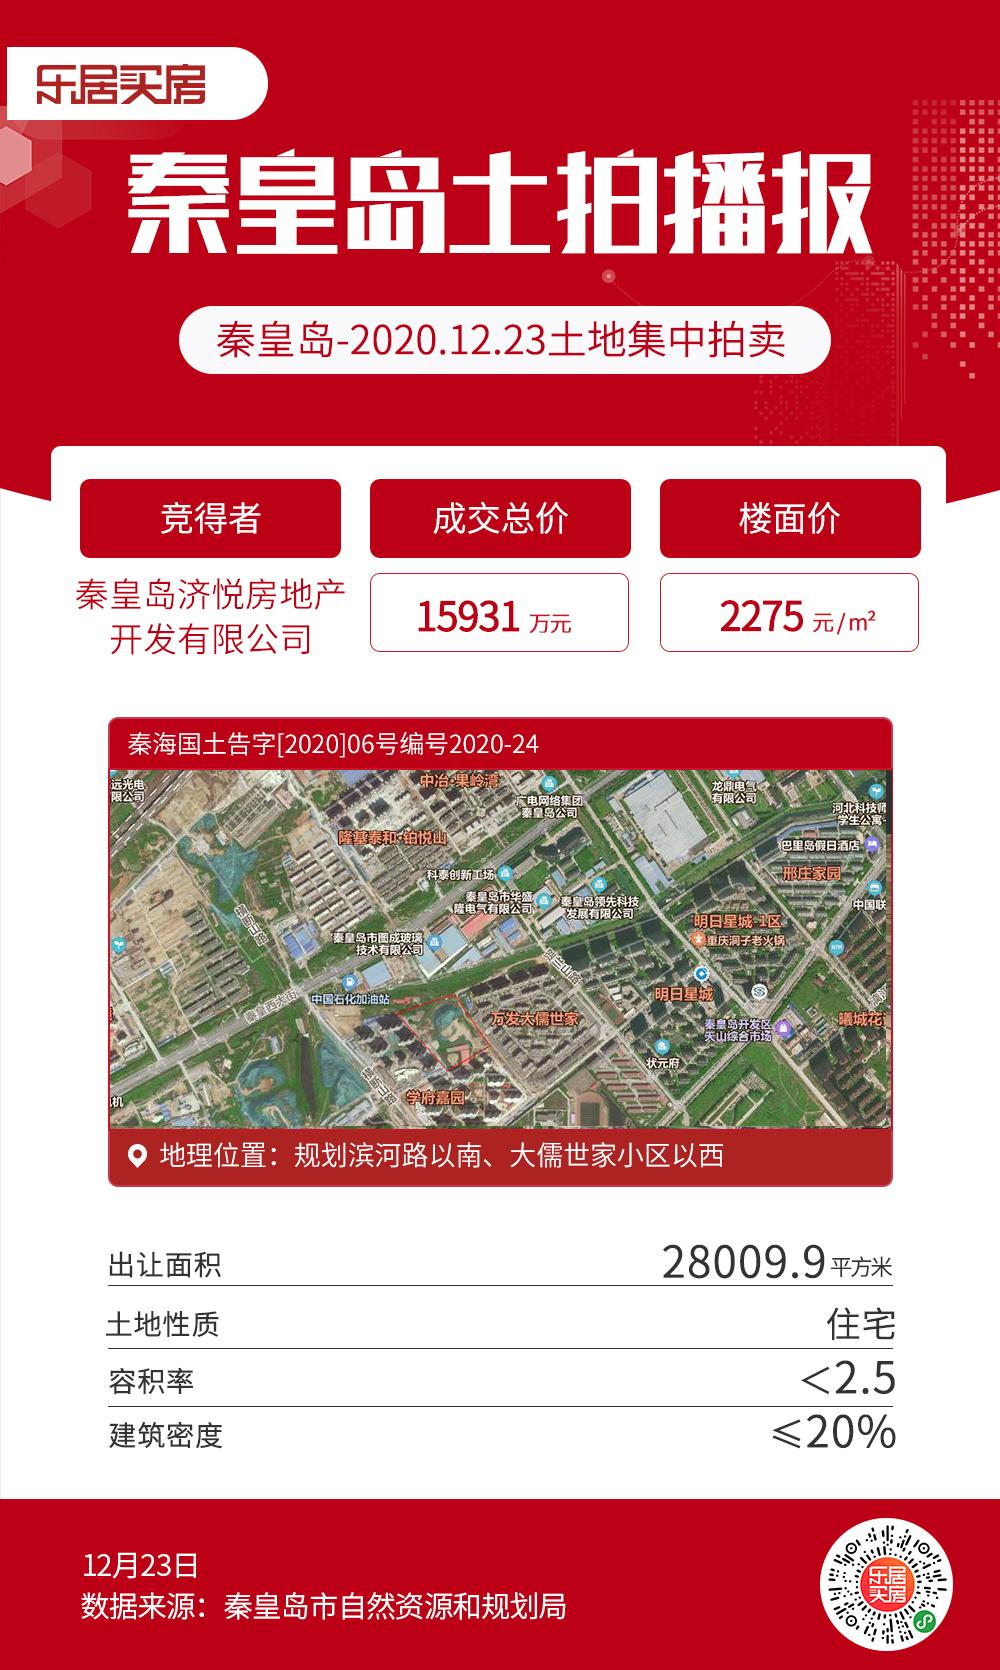 土拍快訊丨濟悅房地產樓面價2275元摘得開發區1幅住宅用地